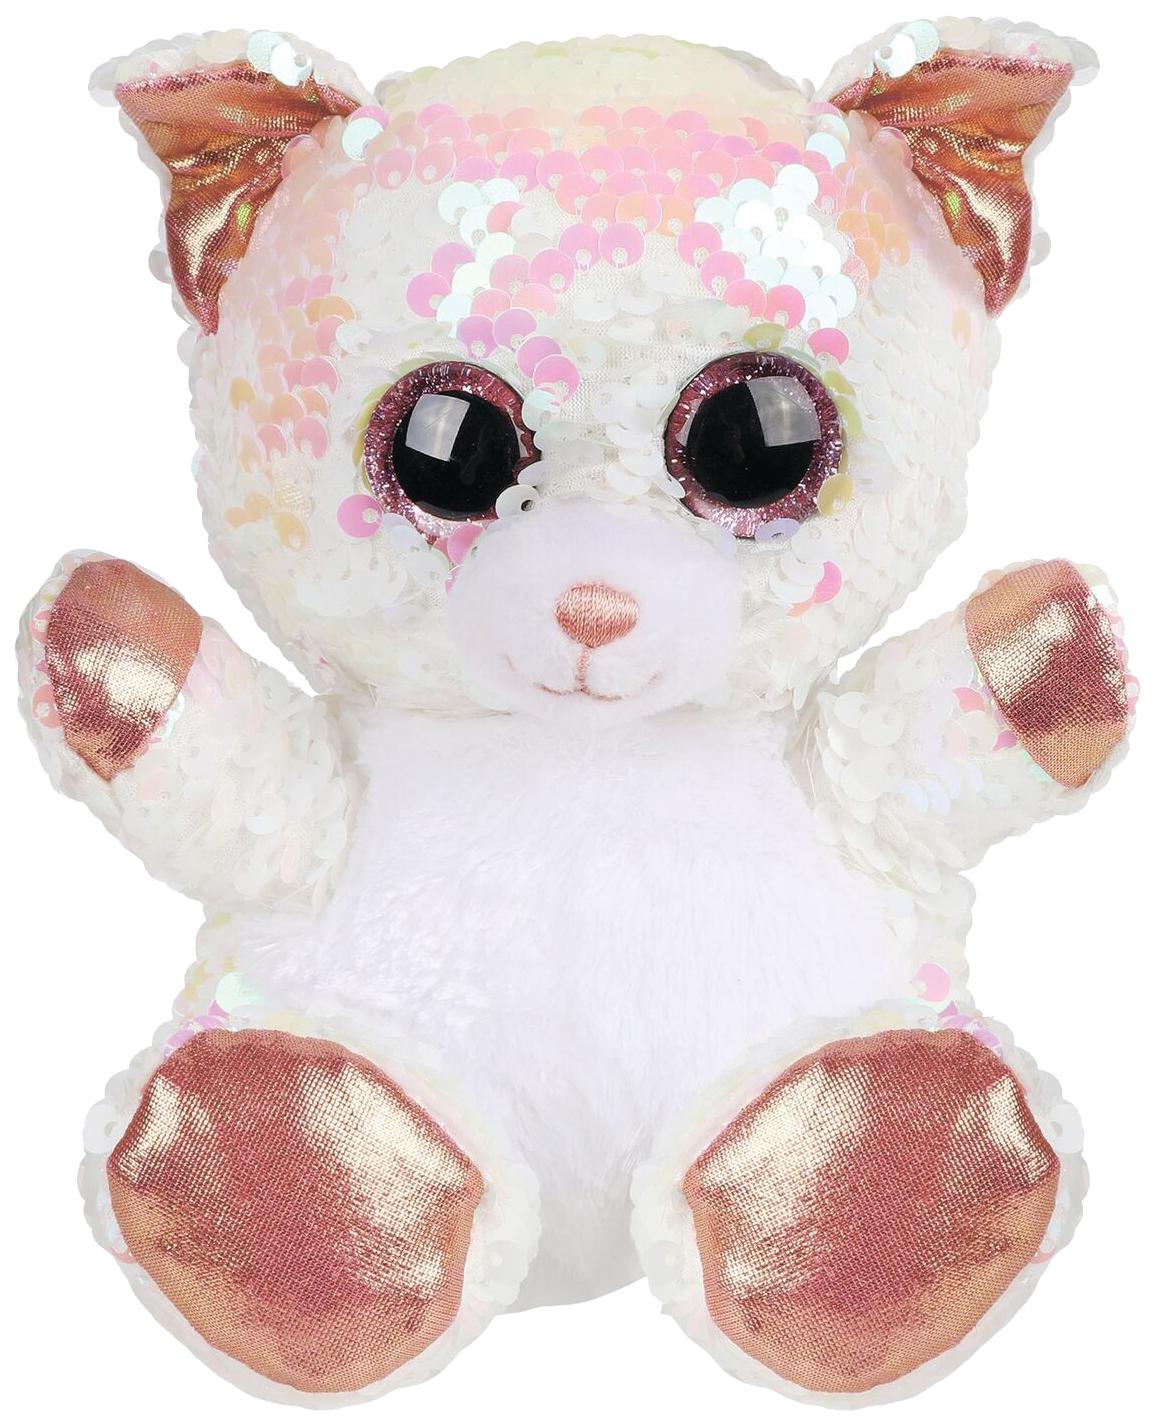 Купить Мягкая игрушка животное Fluffy Family Котенок, Мягкие игрушки животные